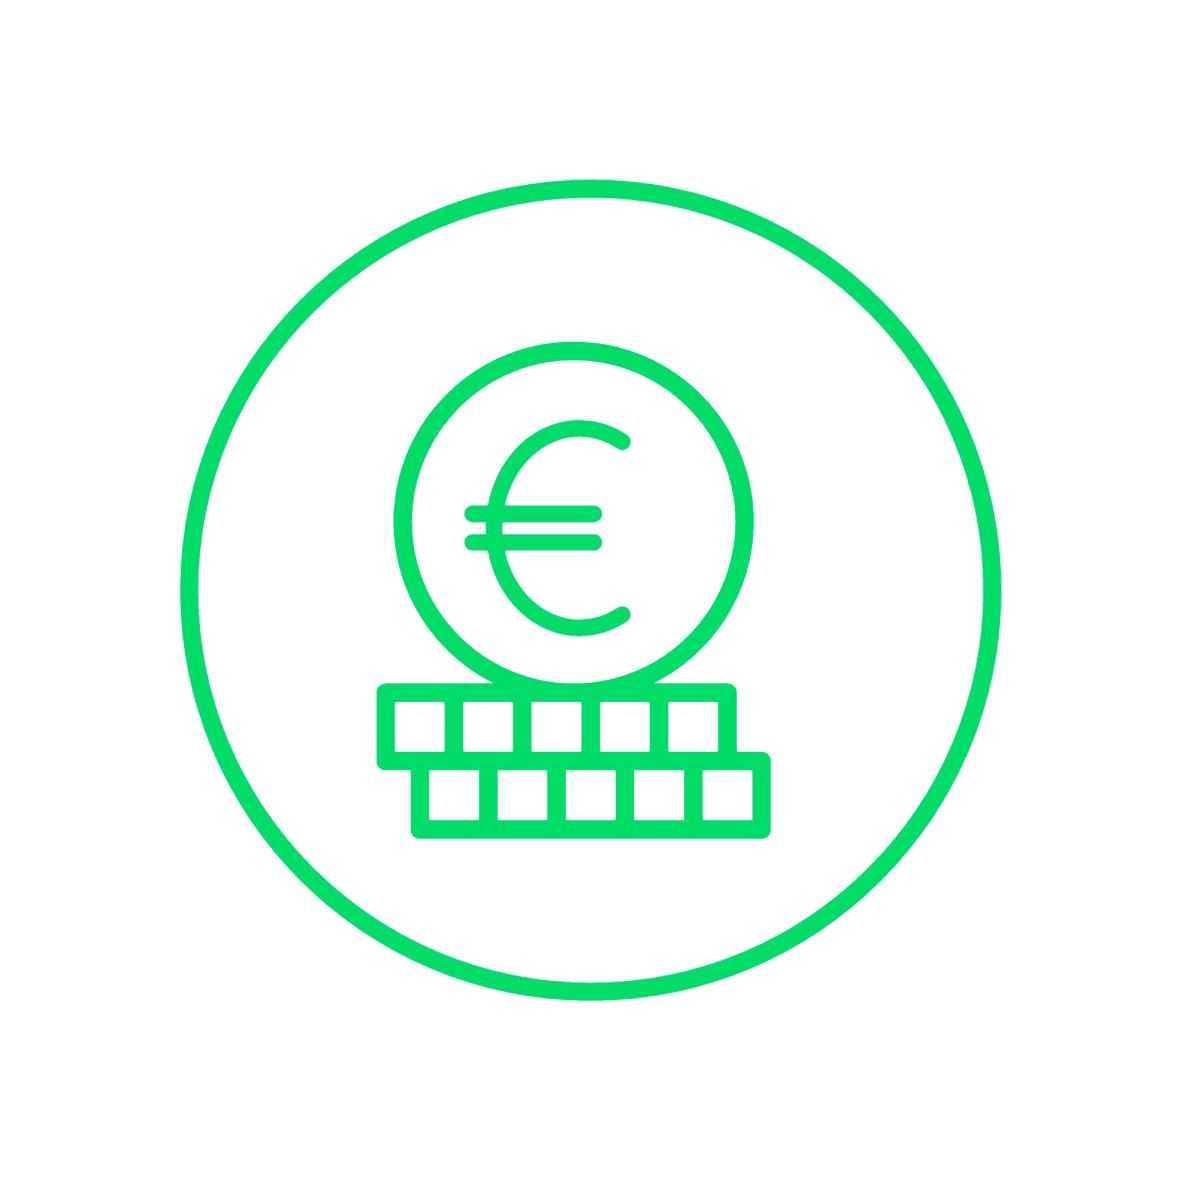 Erelonen en kosten - Wij wensen op een transparante manier te communiceren over de toegepaste erelonen en kosten.